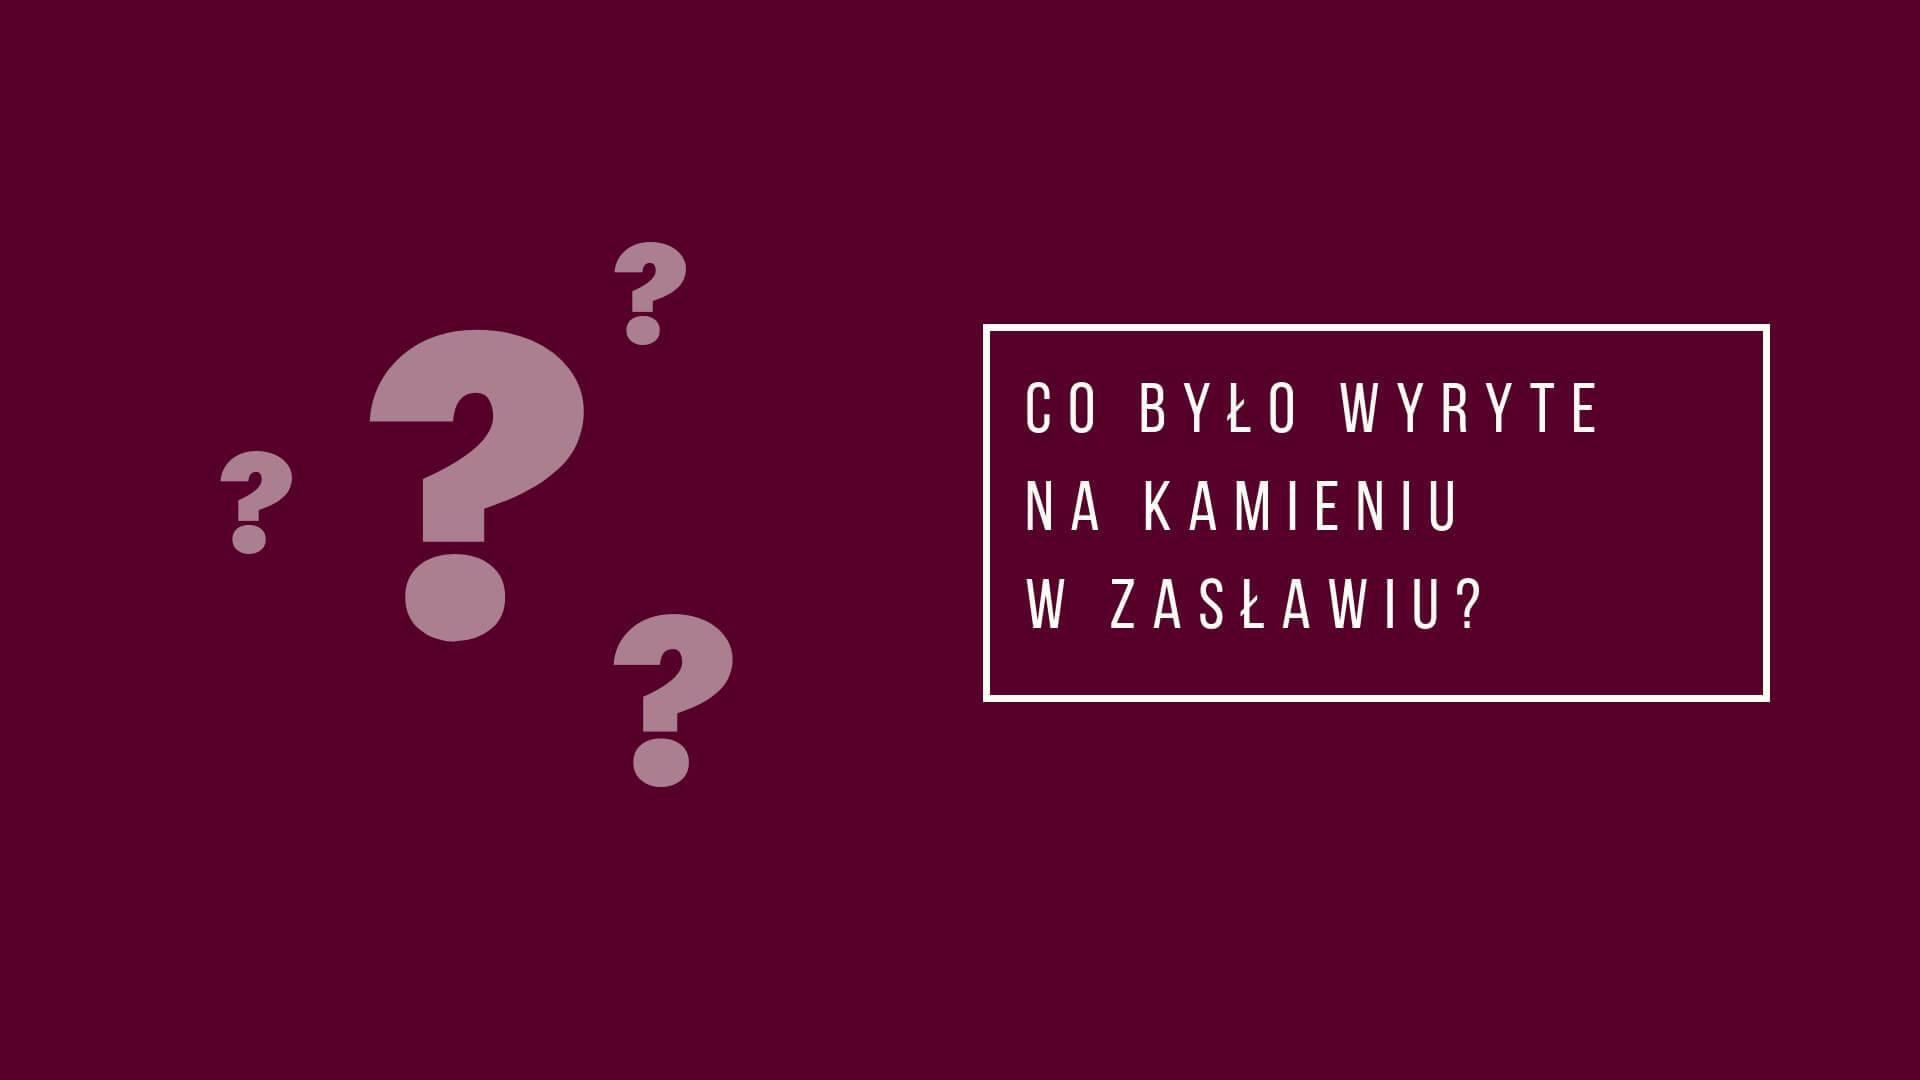 Co było wyryte na kamieniu w ruinach zamku w Zasławiu?